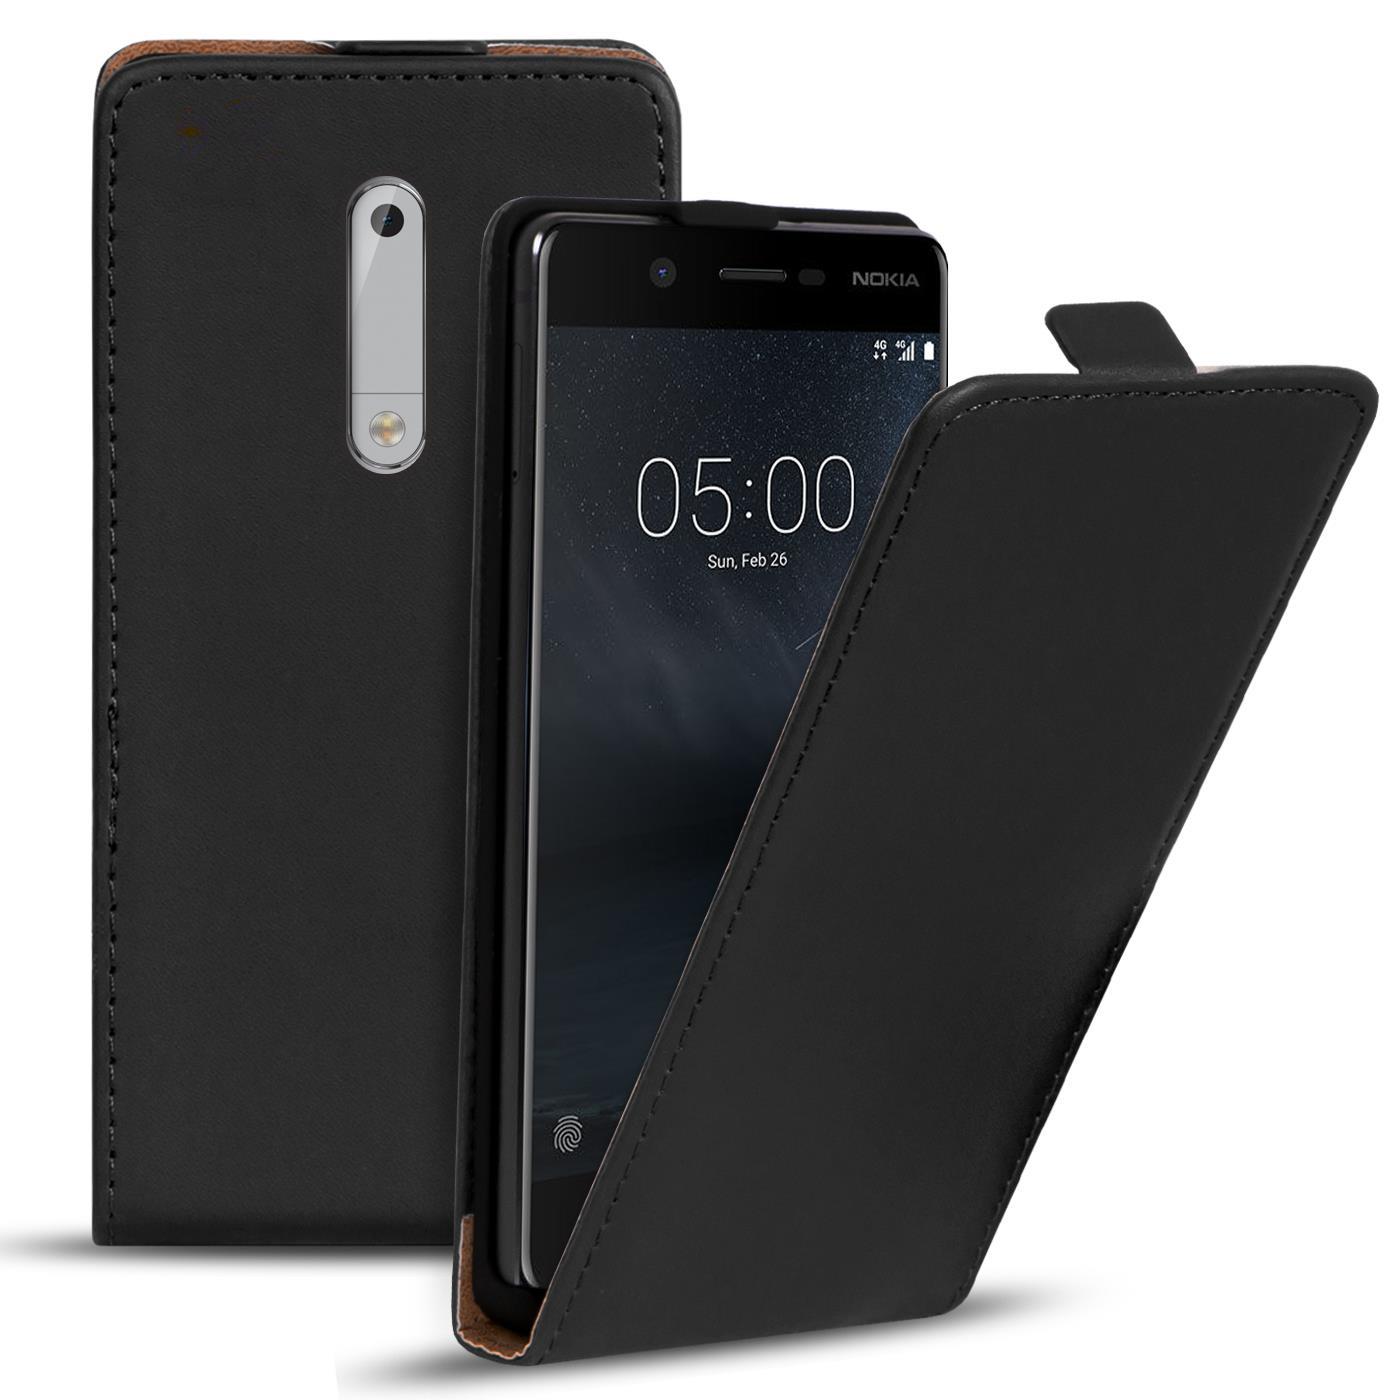 Schutzhülle für Nokia Handy Tasche Schutz Hülle Slim Flip Klapp Bumper Case Etui